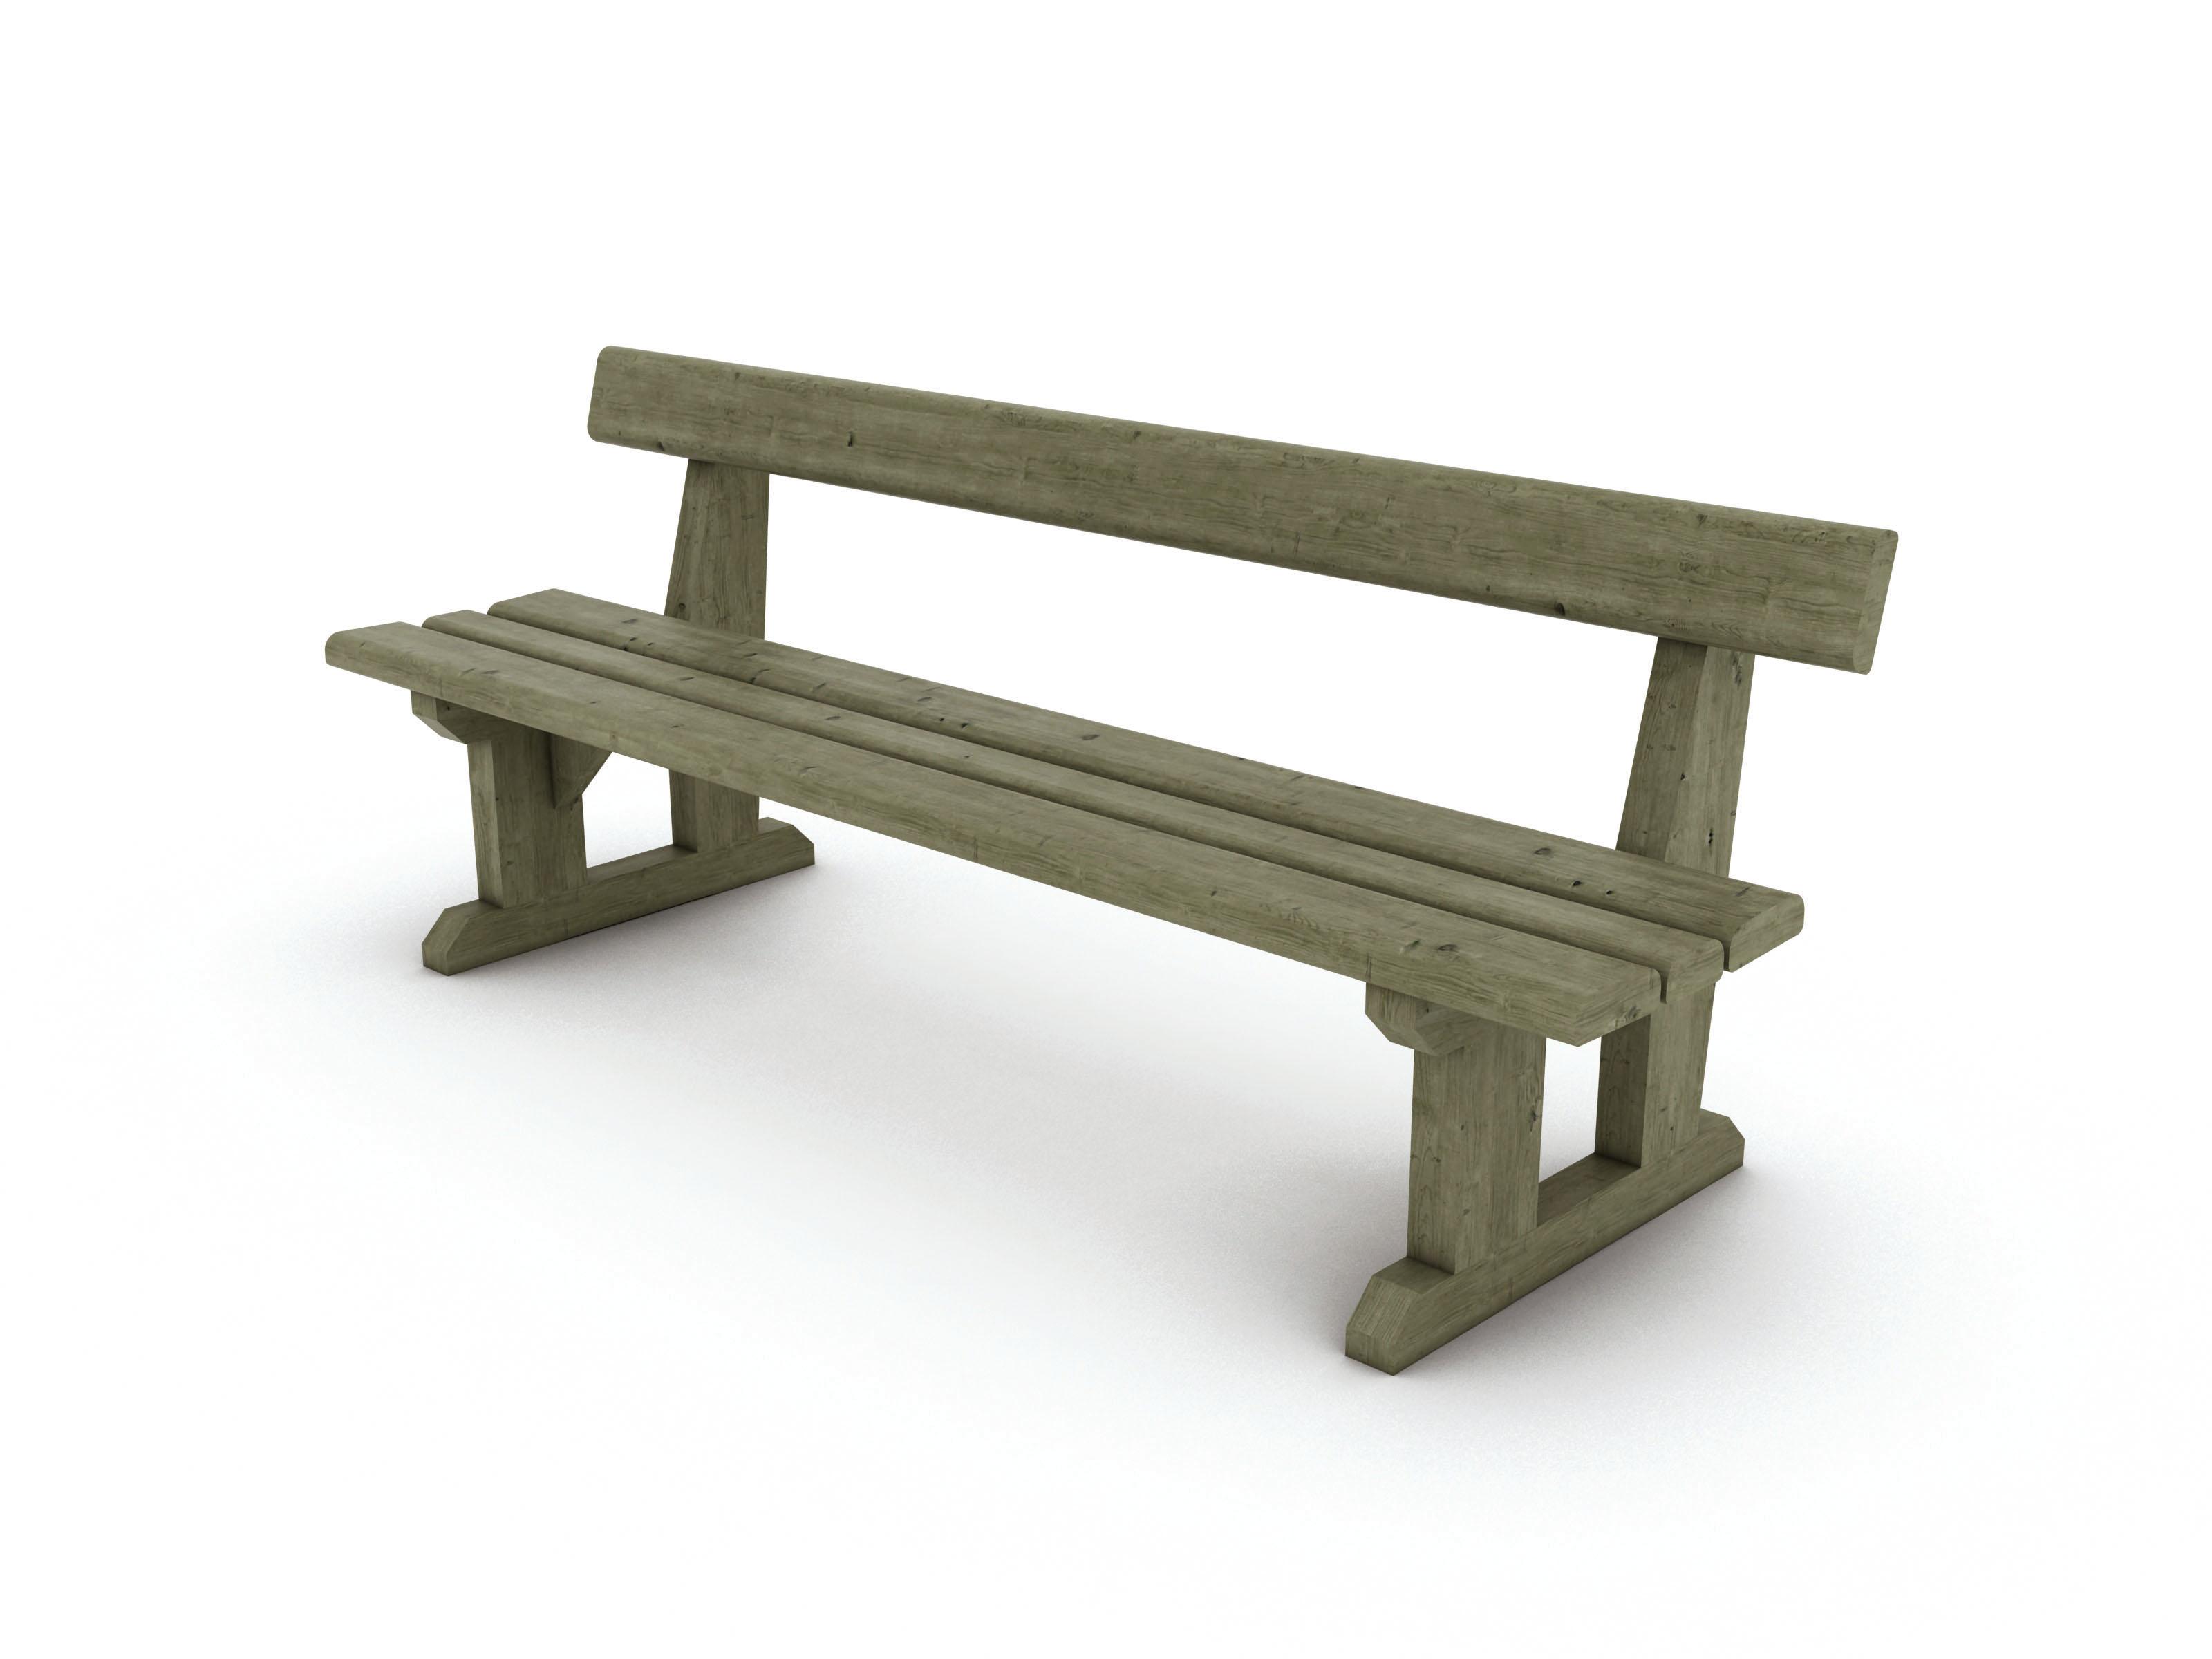 banc bois massif belle ile mobextan. Black Bedroom Furniture Sets. Home Design Ideas